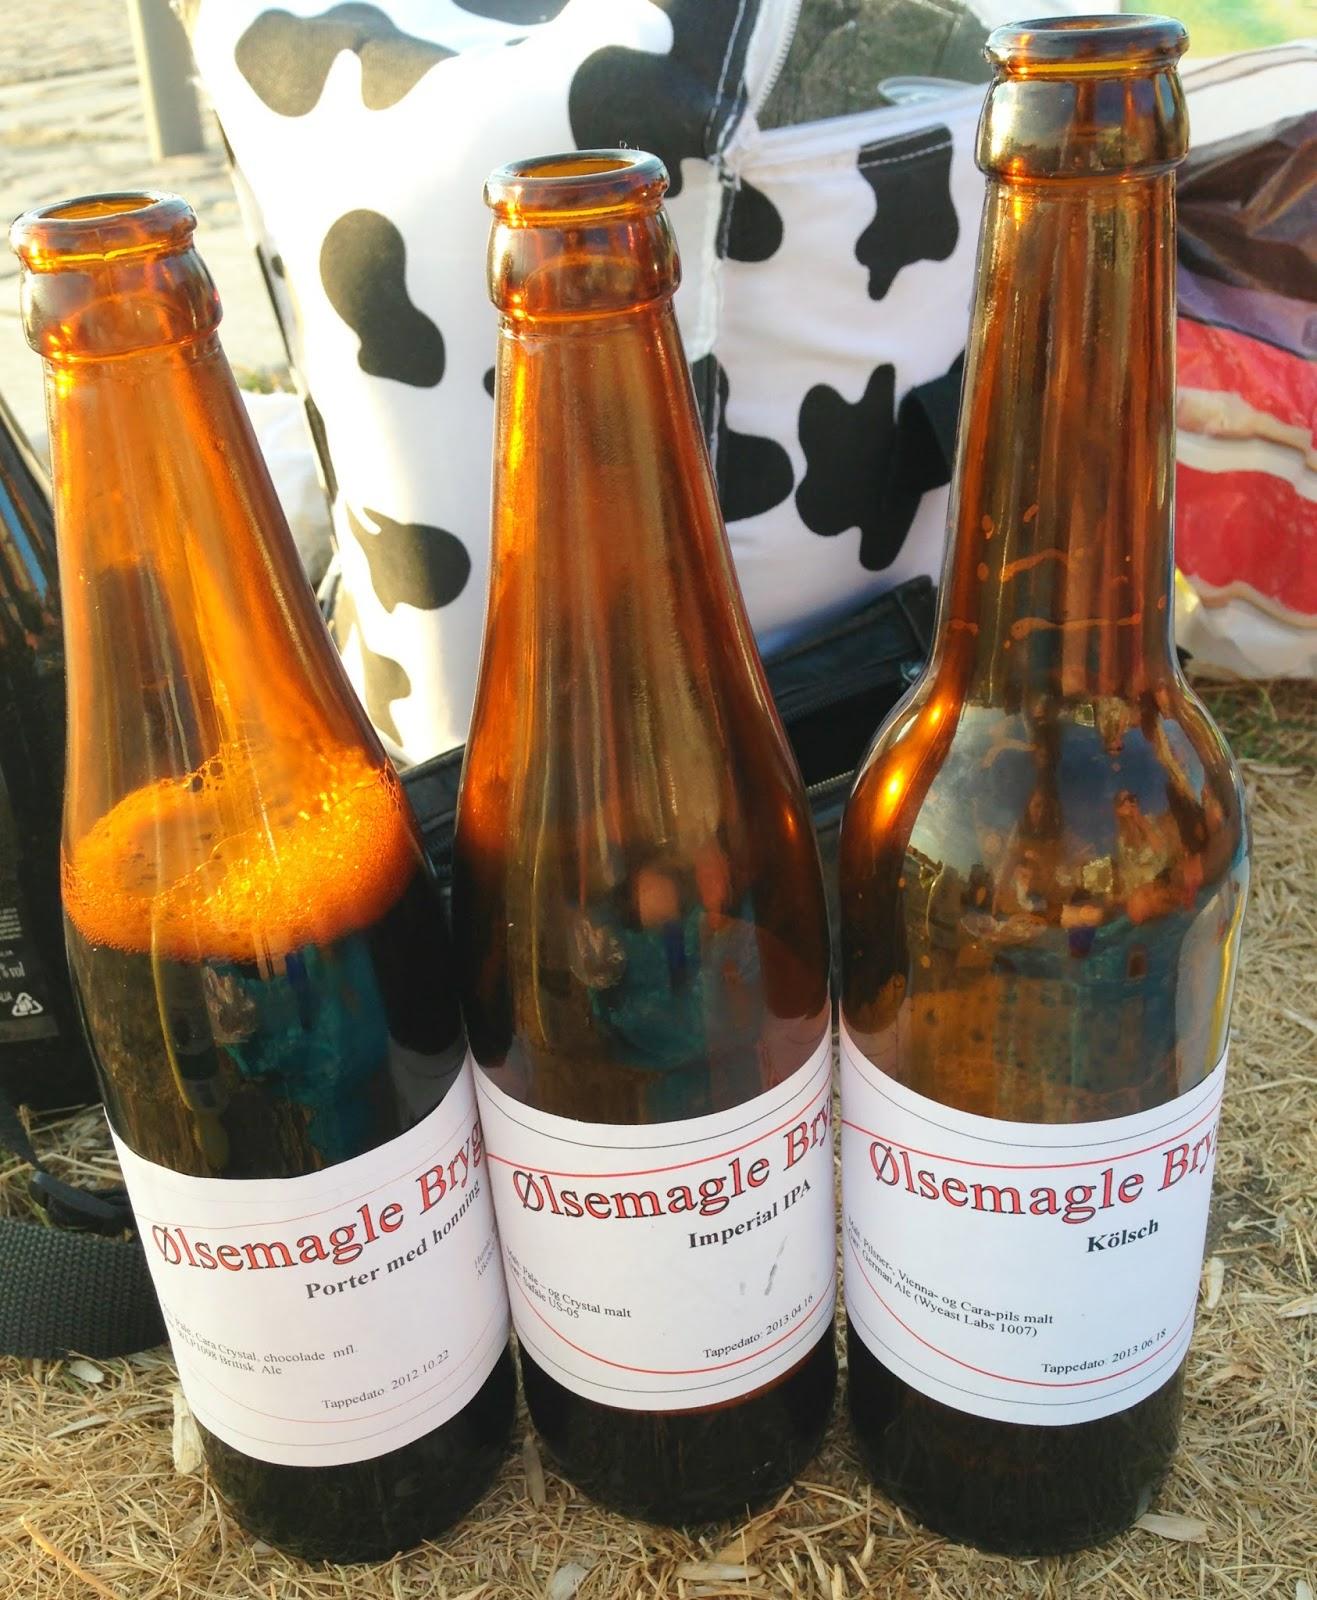 bryghus, ølsemagle, øl, hjemmebryg, hjemmelavet